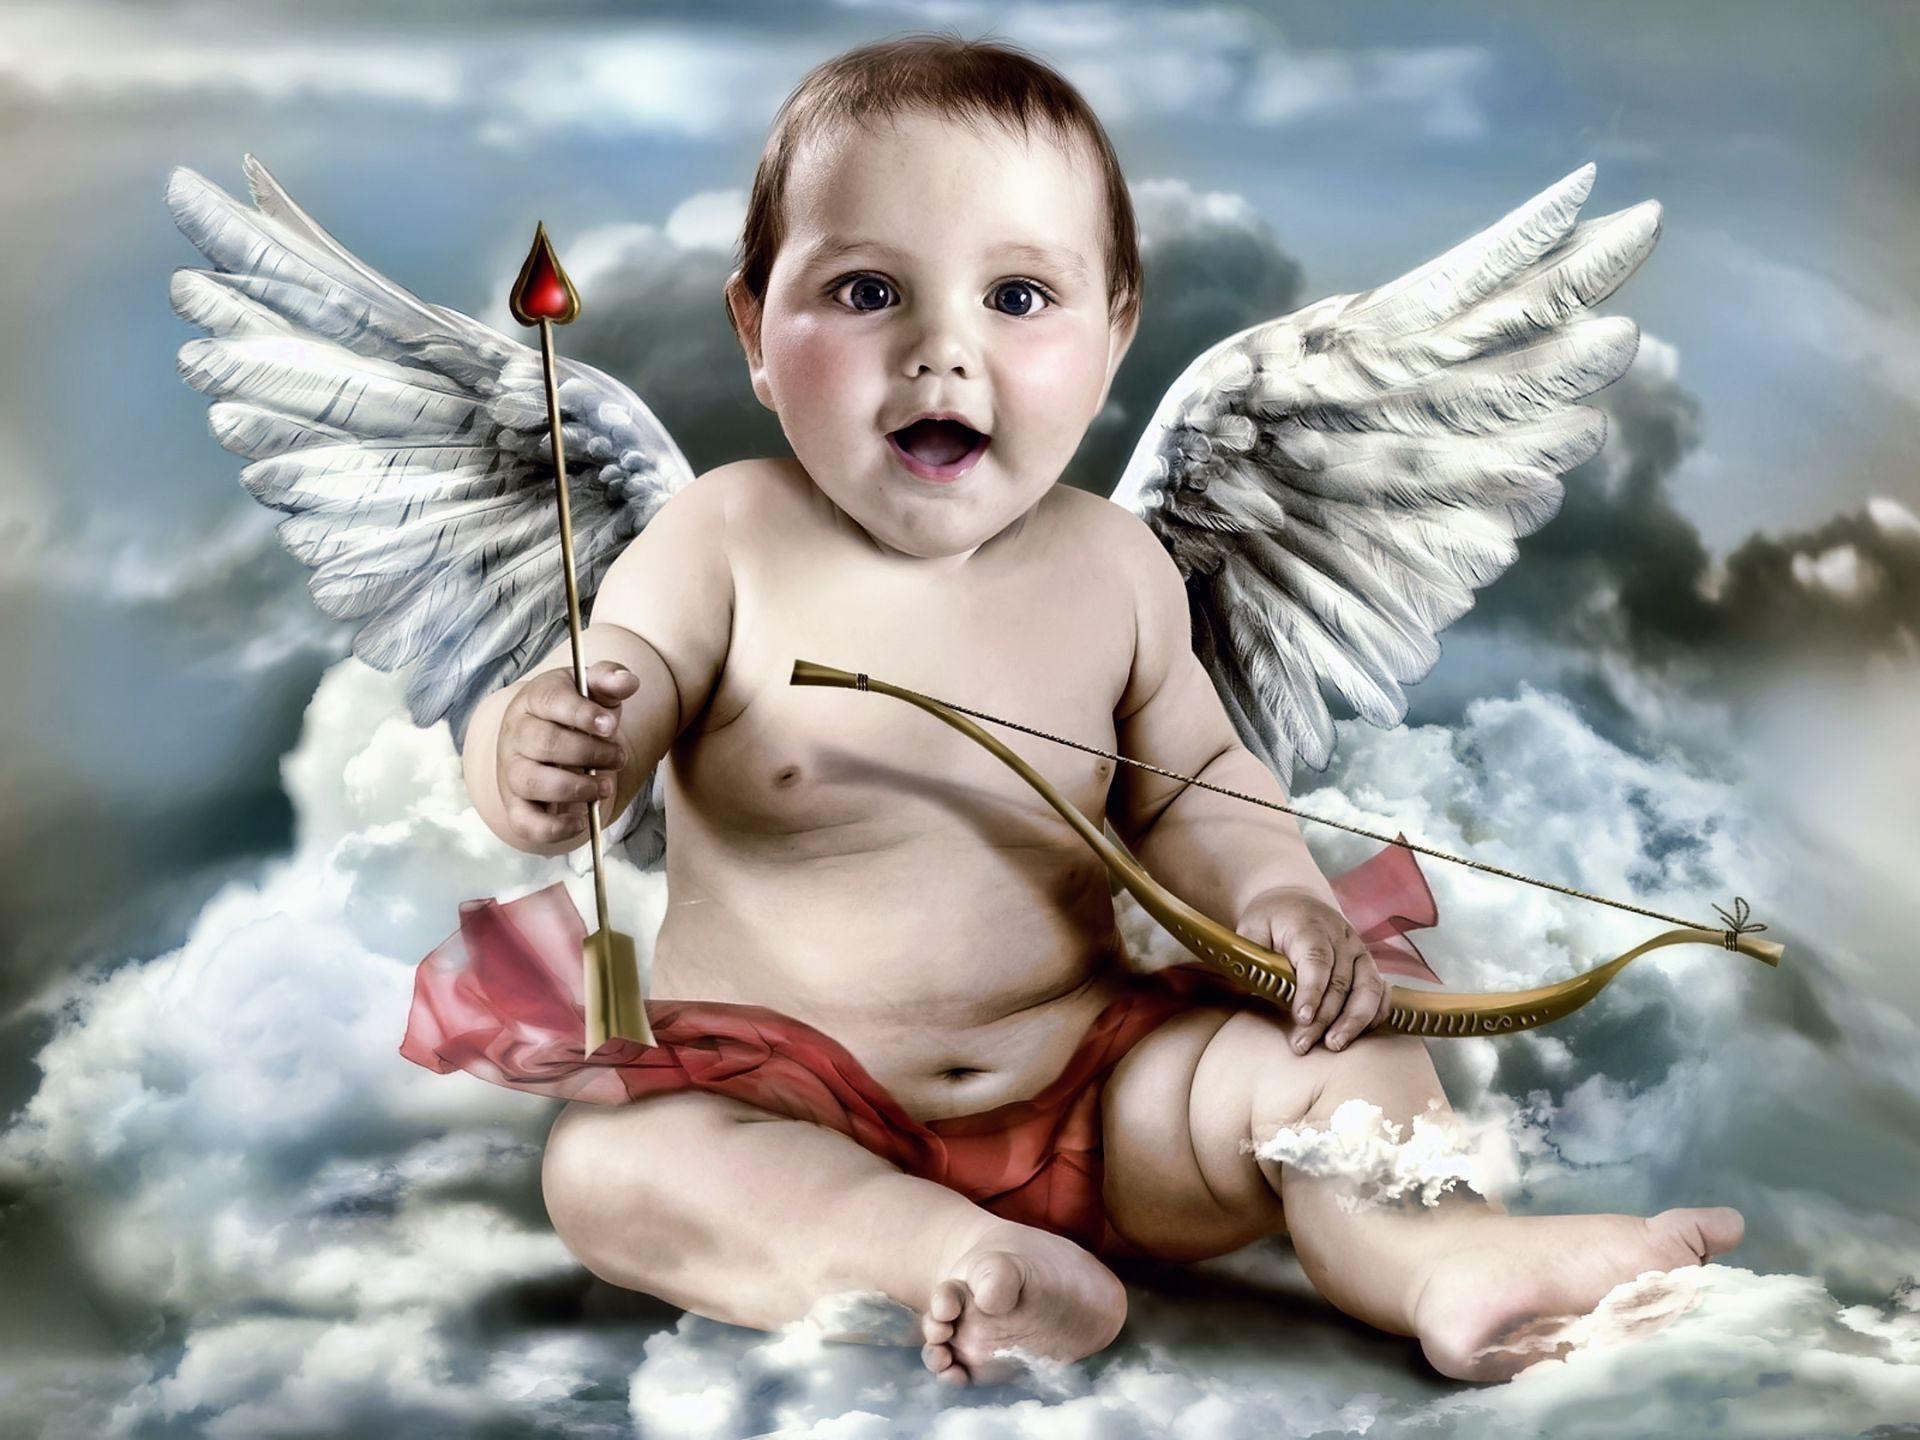 красивые ангелочки картинки на аватарку сказать, что турции